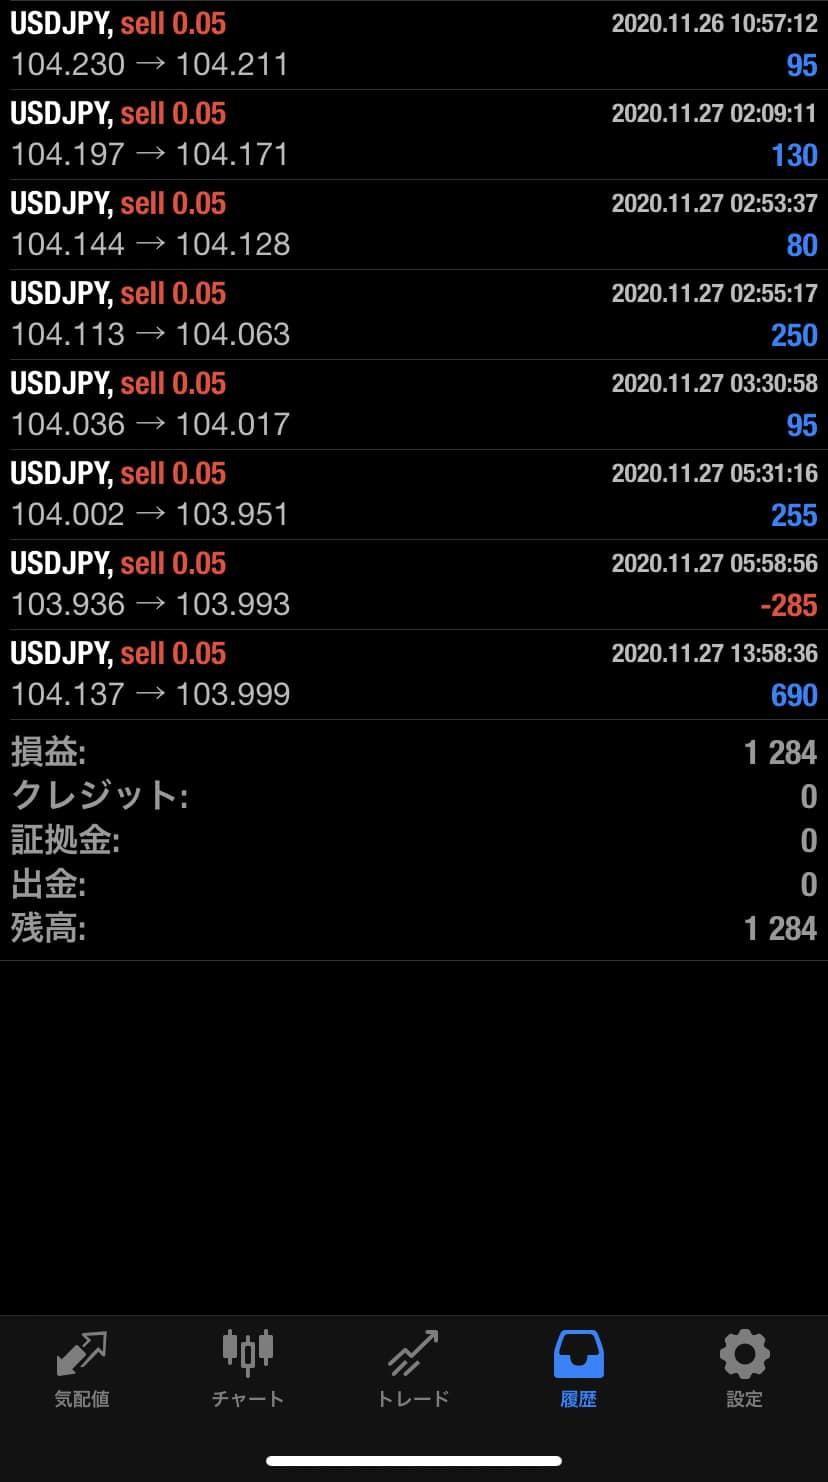 2020年11月27日 USD/JPYバージョン1,284円